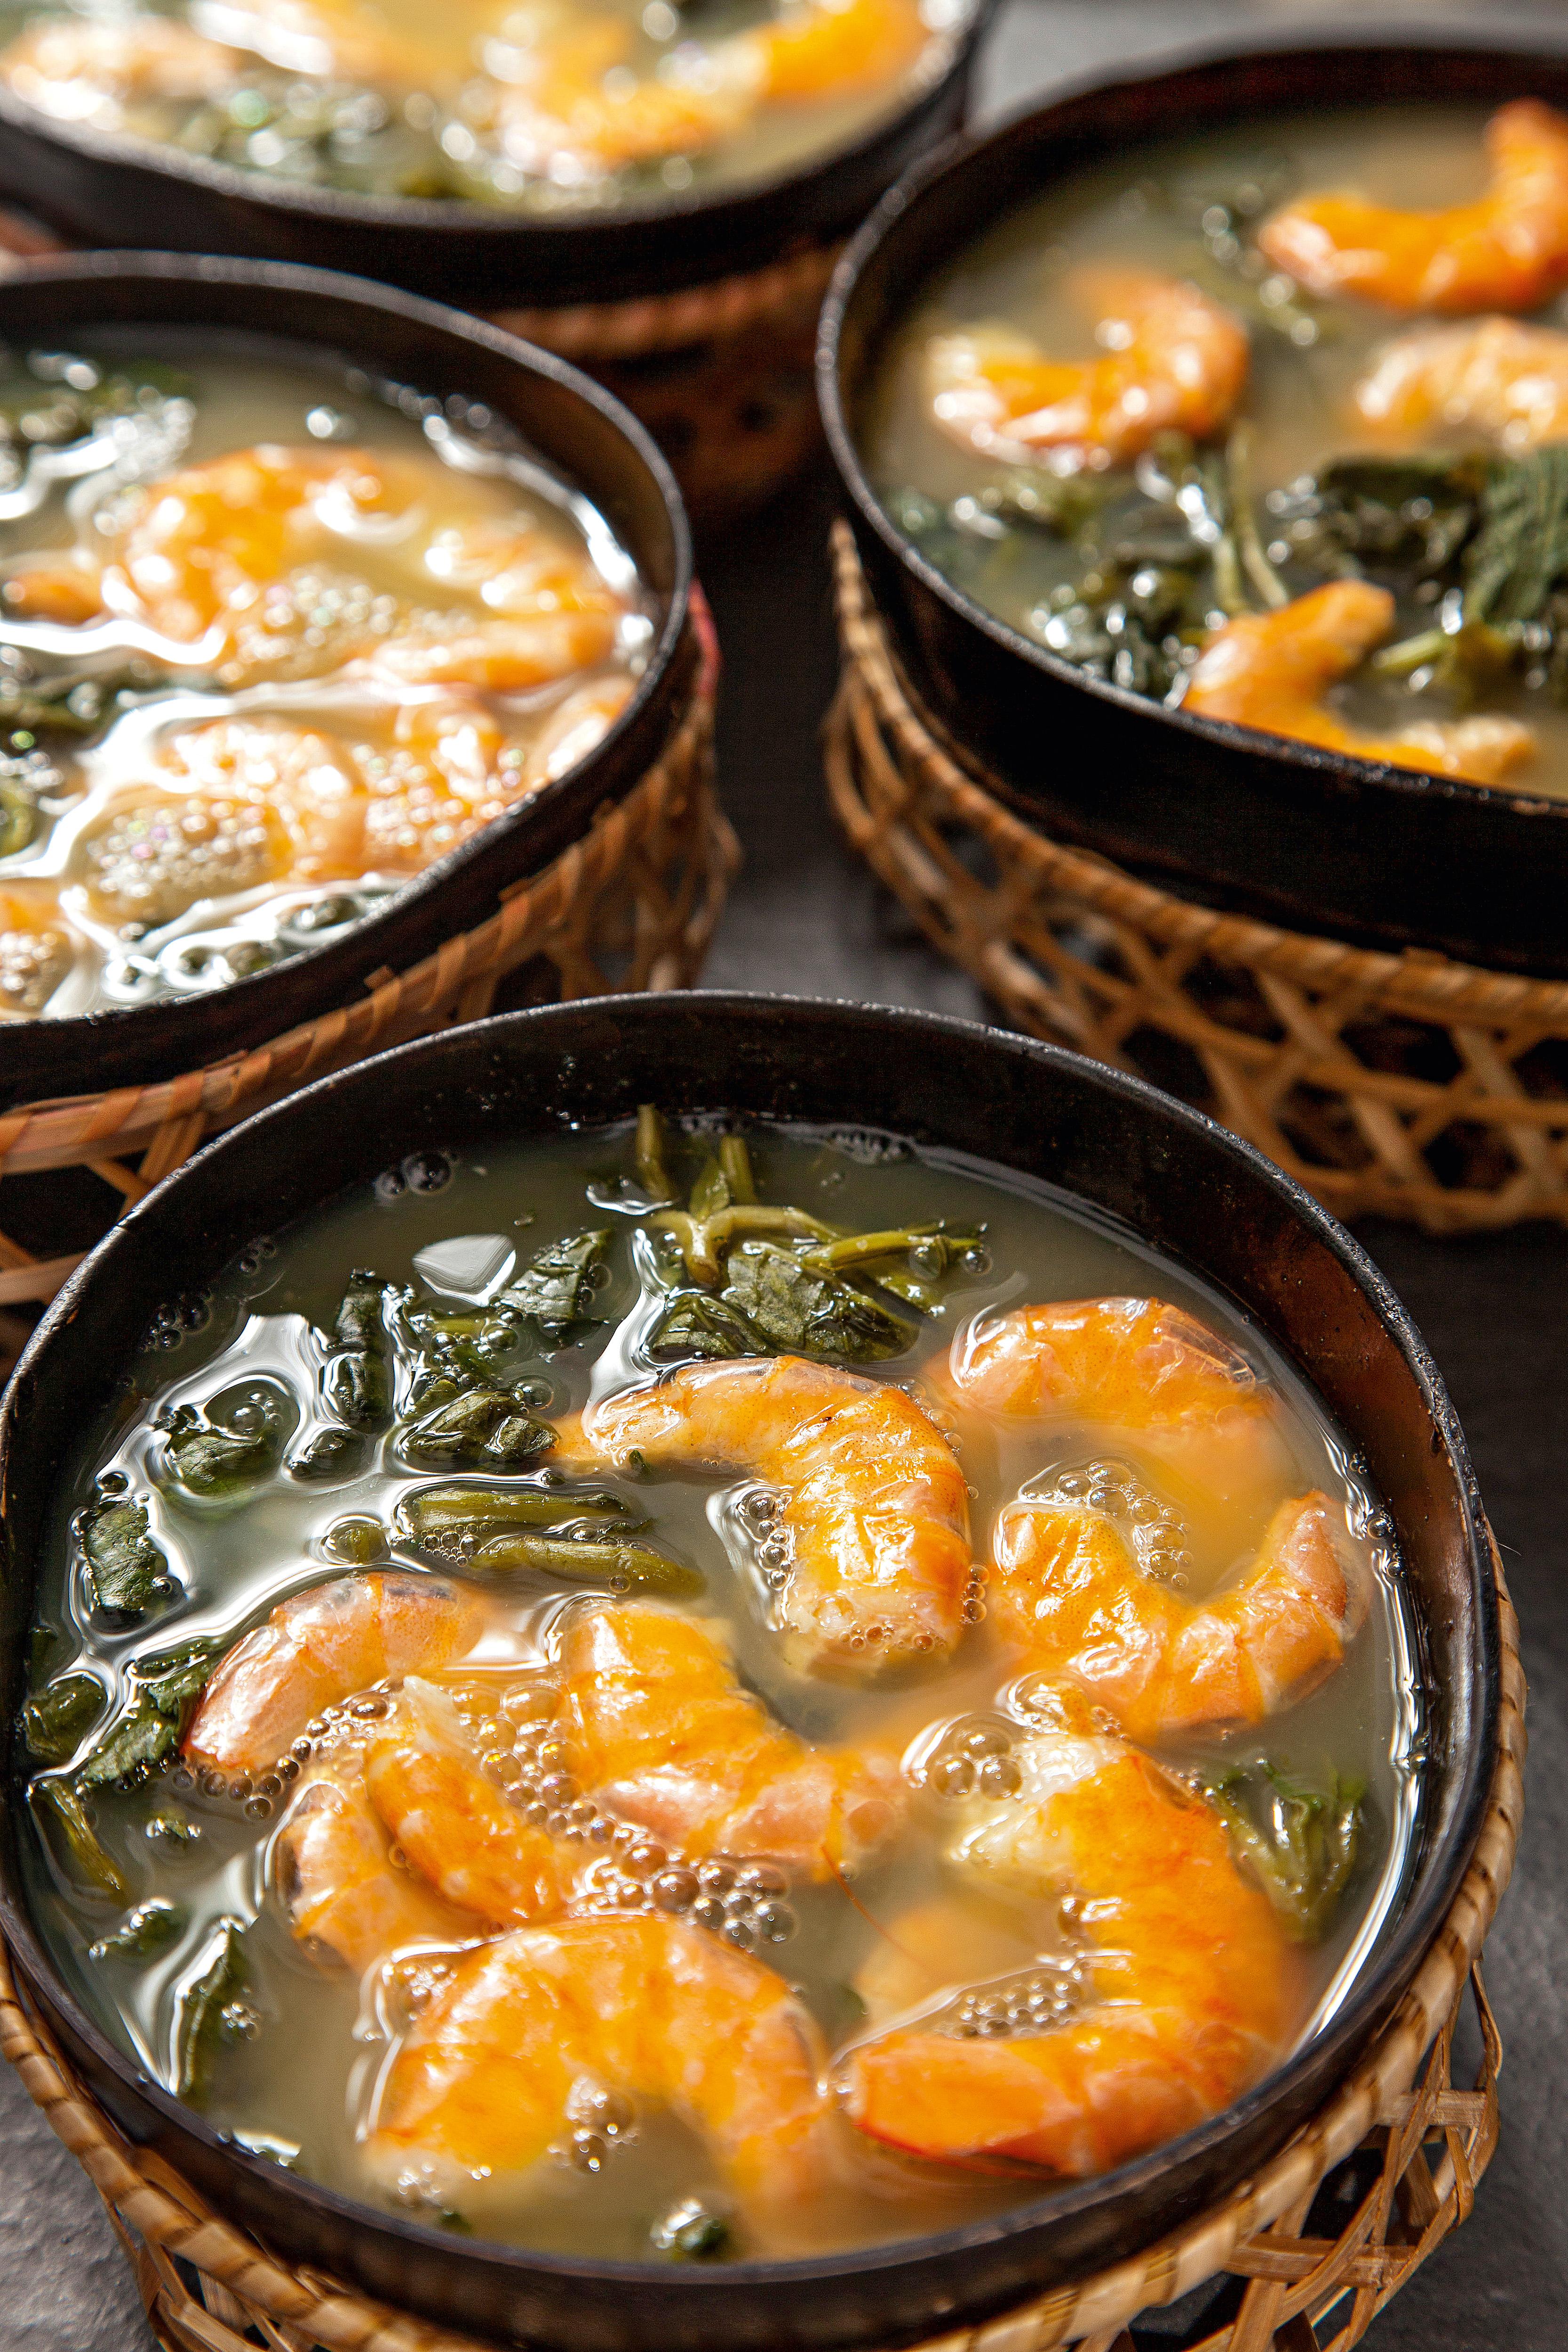 Camarão cozido em meio a verduras verde-escuras